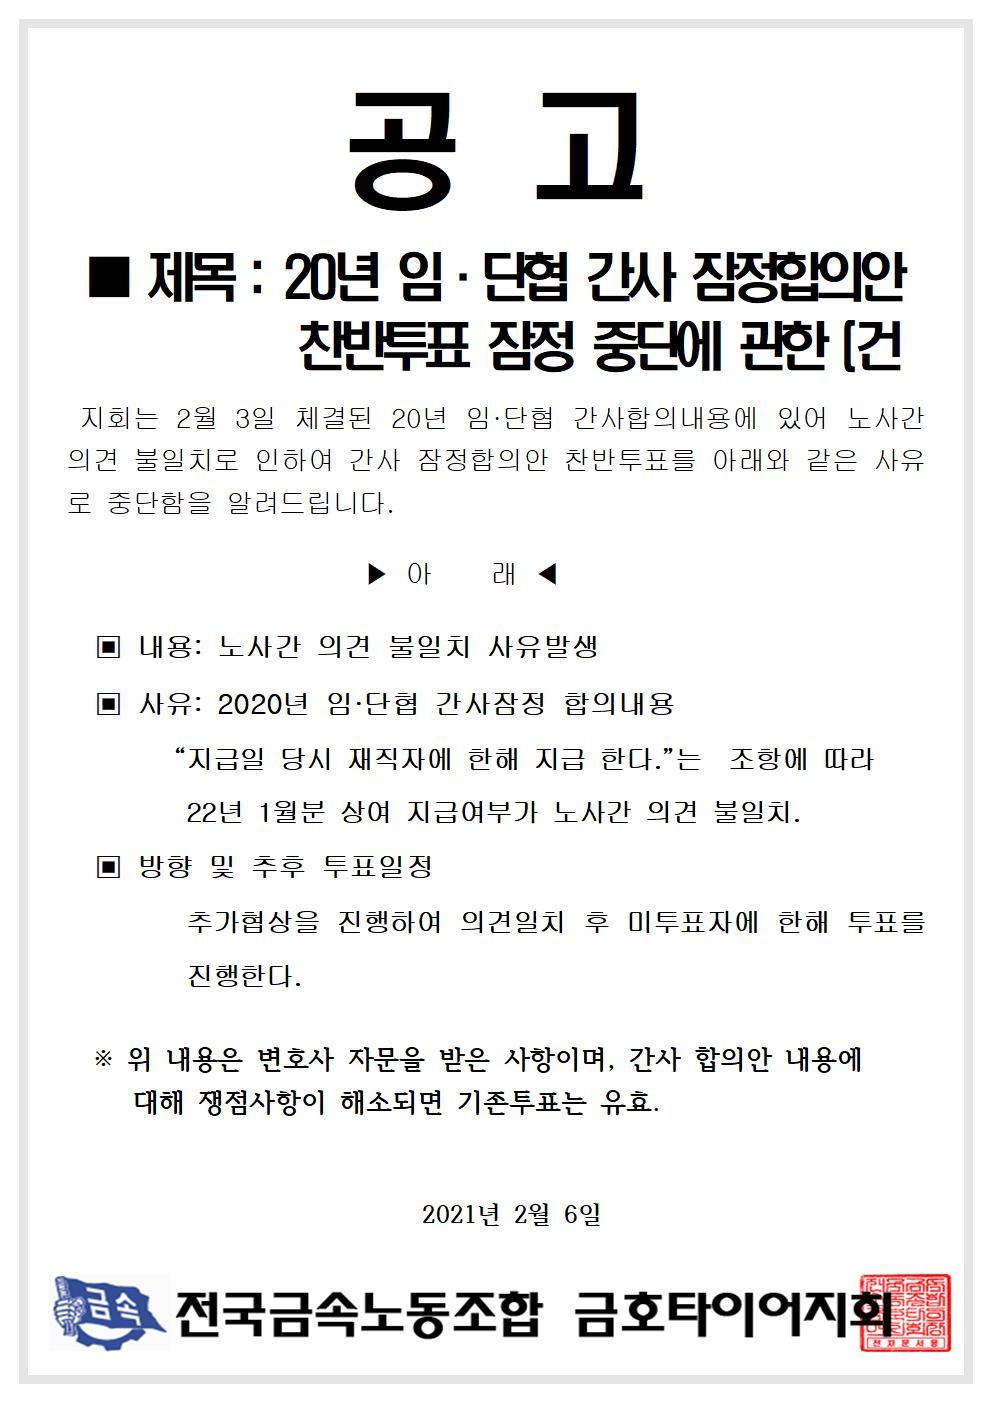 20년 임단협 간사합의안 찬반투표 중단001.jpg